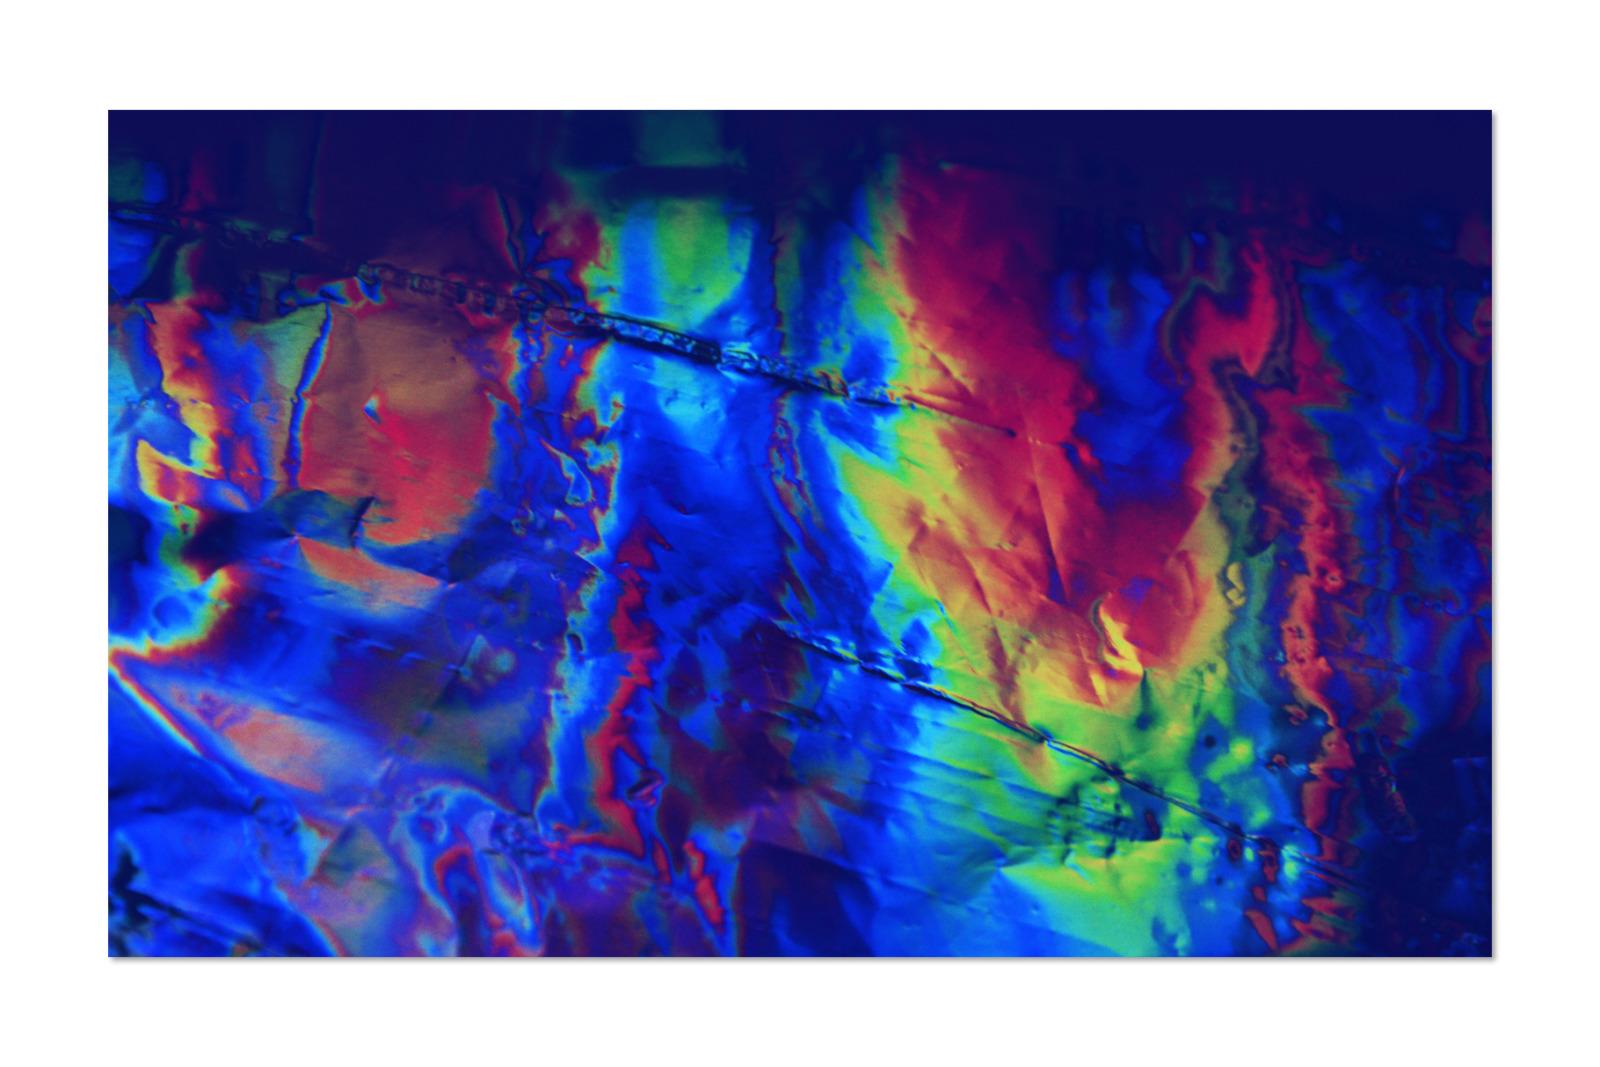 [淘宝购买] 80款潮流全息渐变虹彩金属箔纸纹理海报设计背景图片素材 Crumbled – 80 Foil Textures插图15